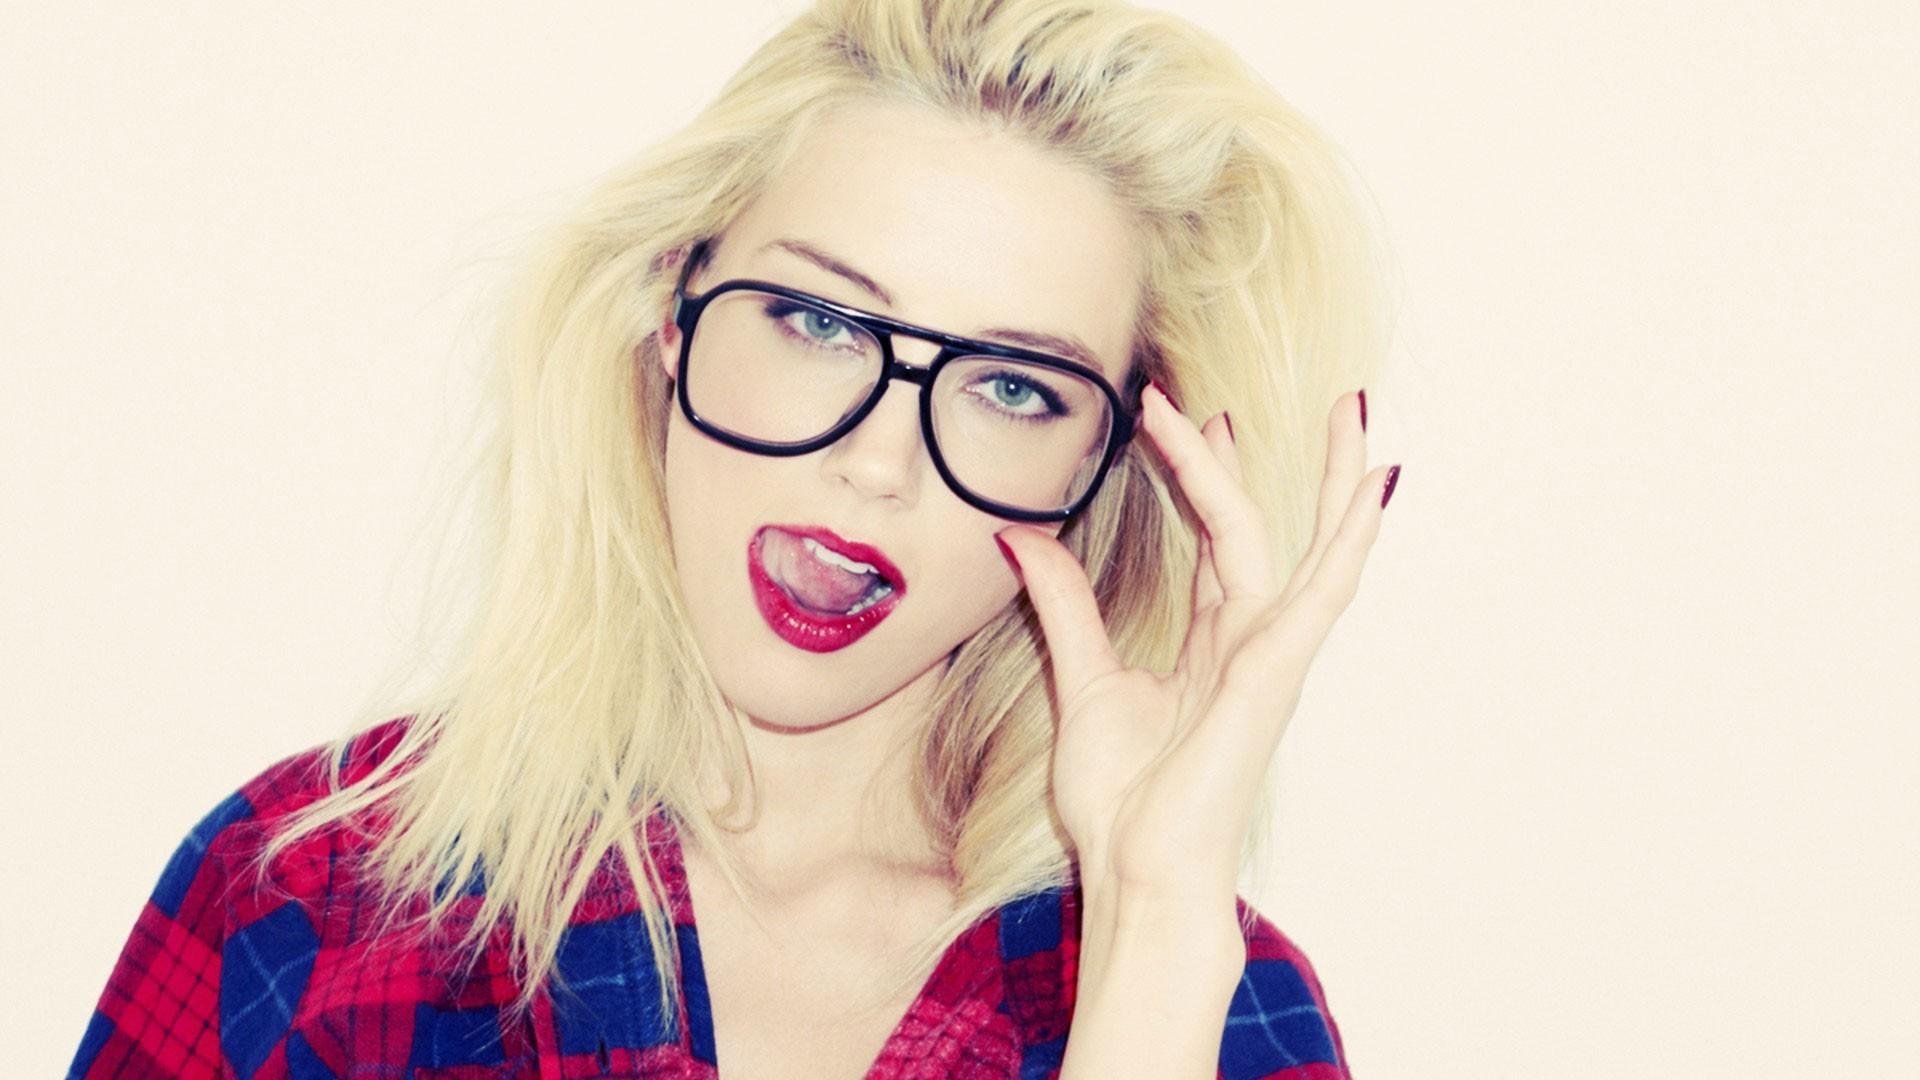 Fond d écran   visage, femmes, maquette, blond, des lunettes de soleil, yeux  bleus, des lunettes, rouge, la photographie, bleu, cheveux, rose, Amber  Heard, ... e618cc428892